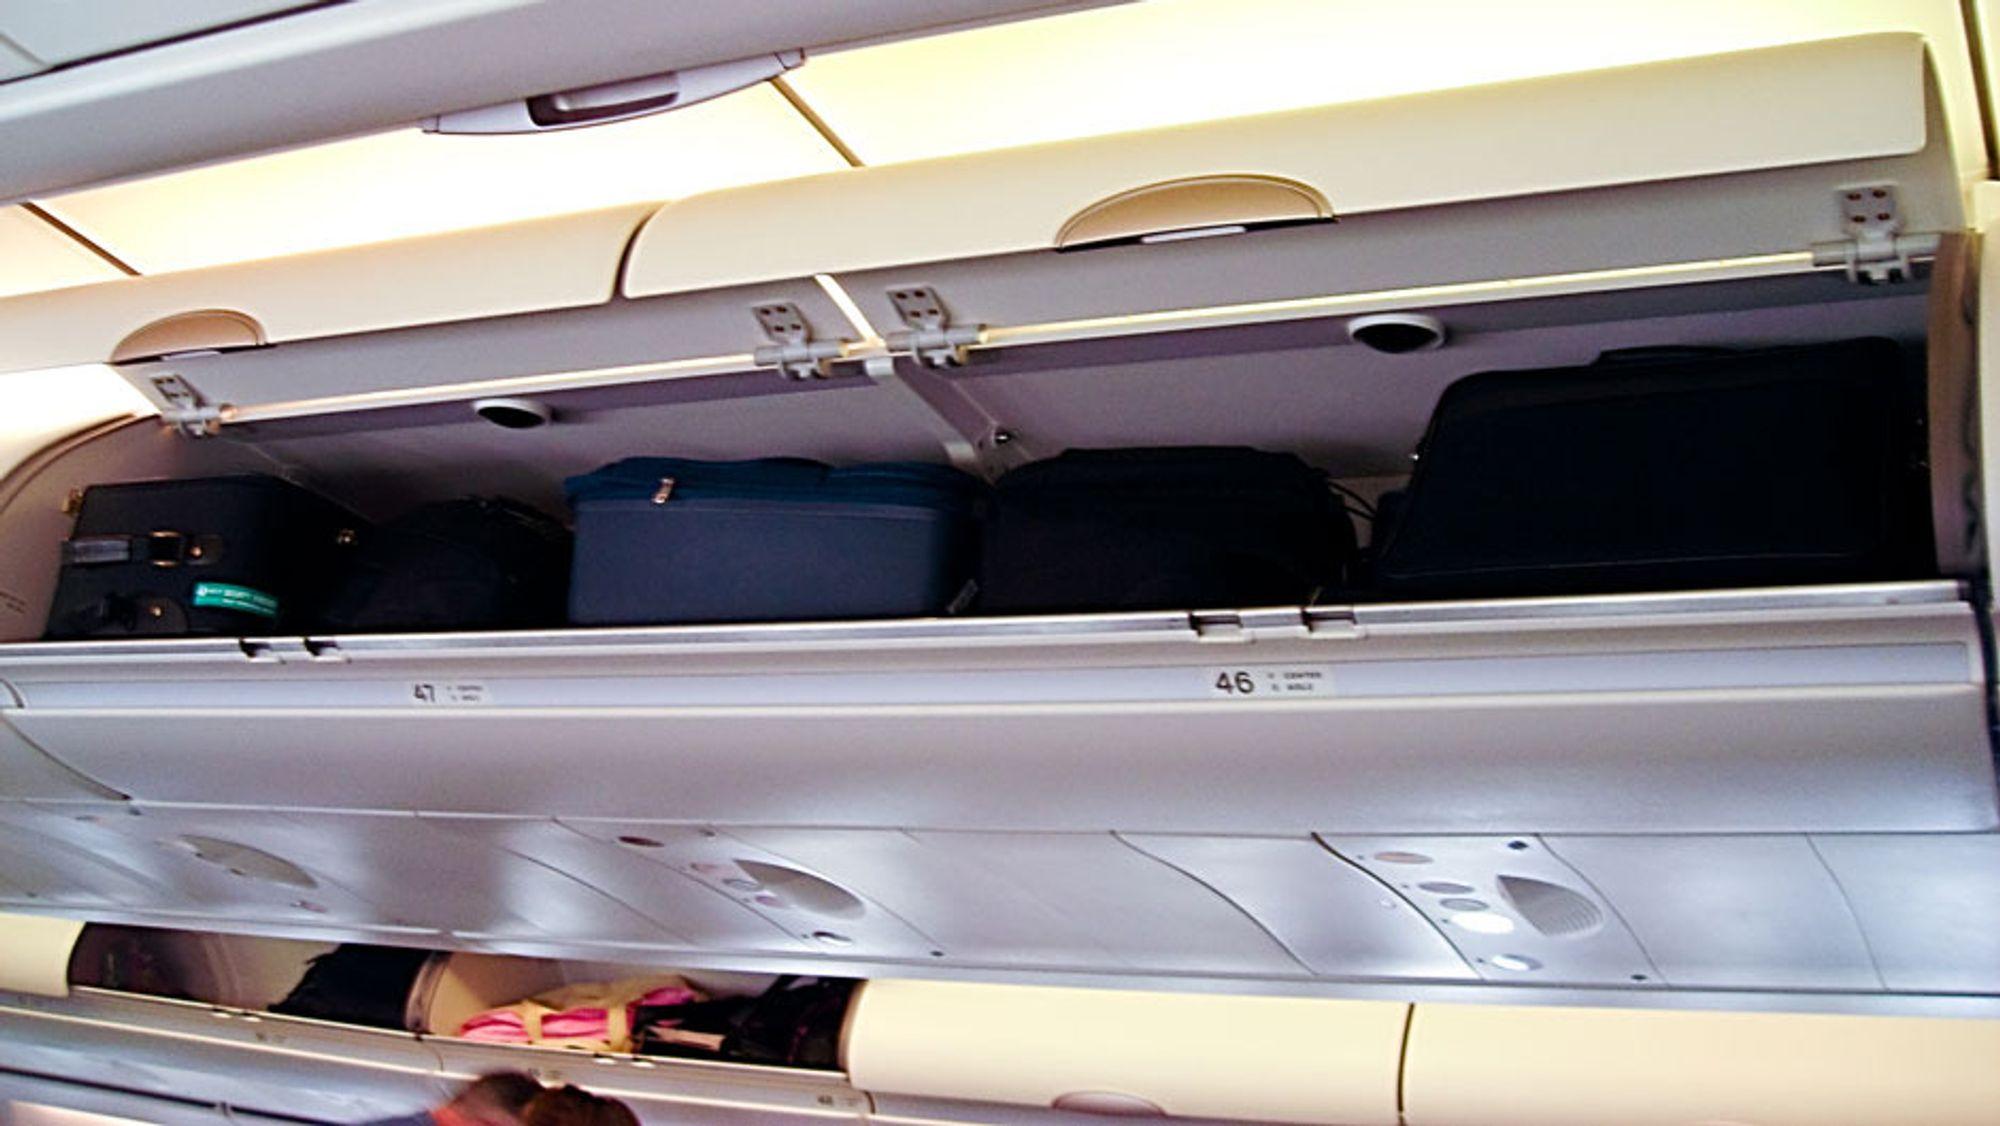 Passasjerene må droppe de store koffertene dersom IATAs nye forslag blir en realitet. Foto: Wikimedia Commons.